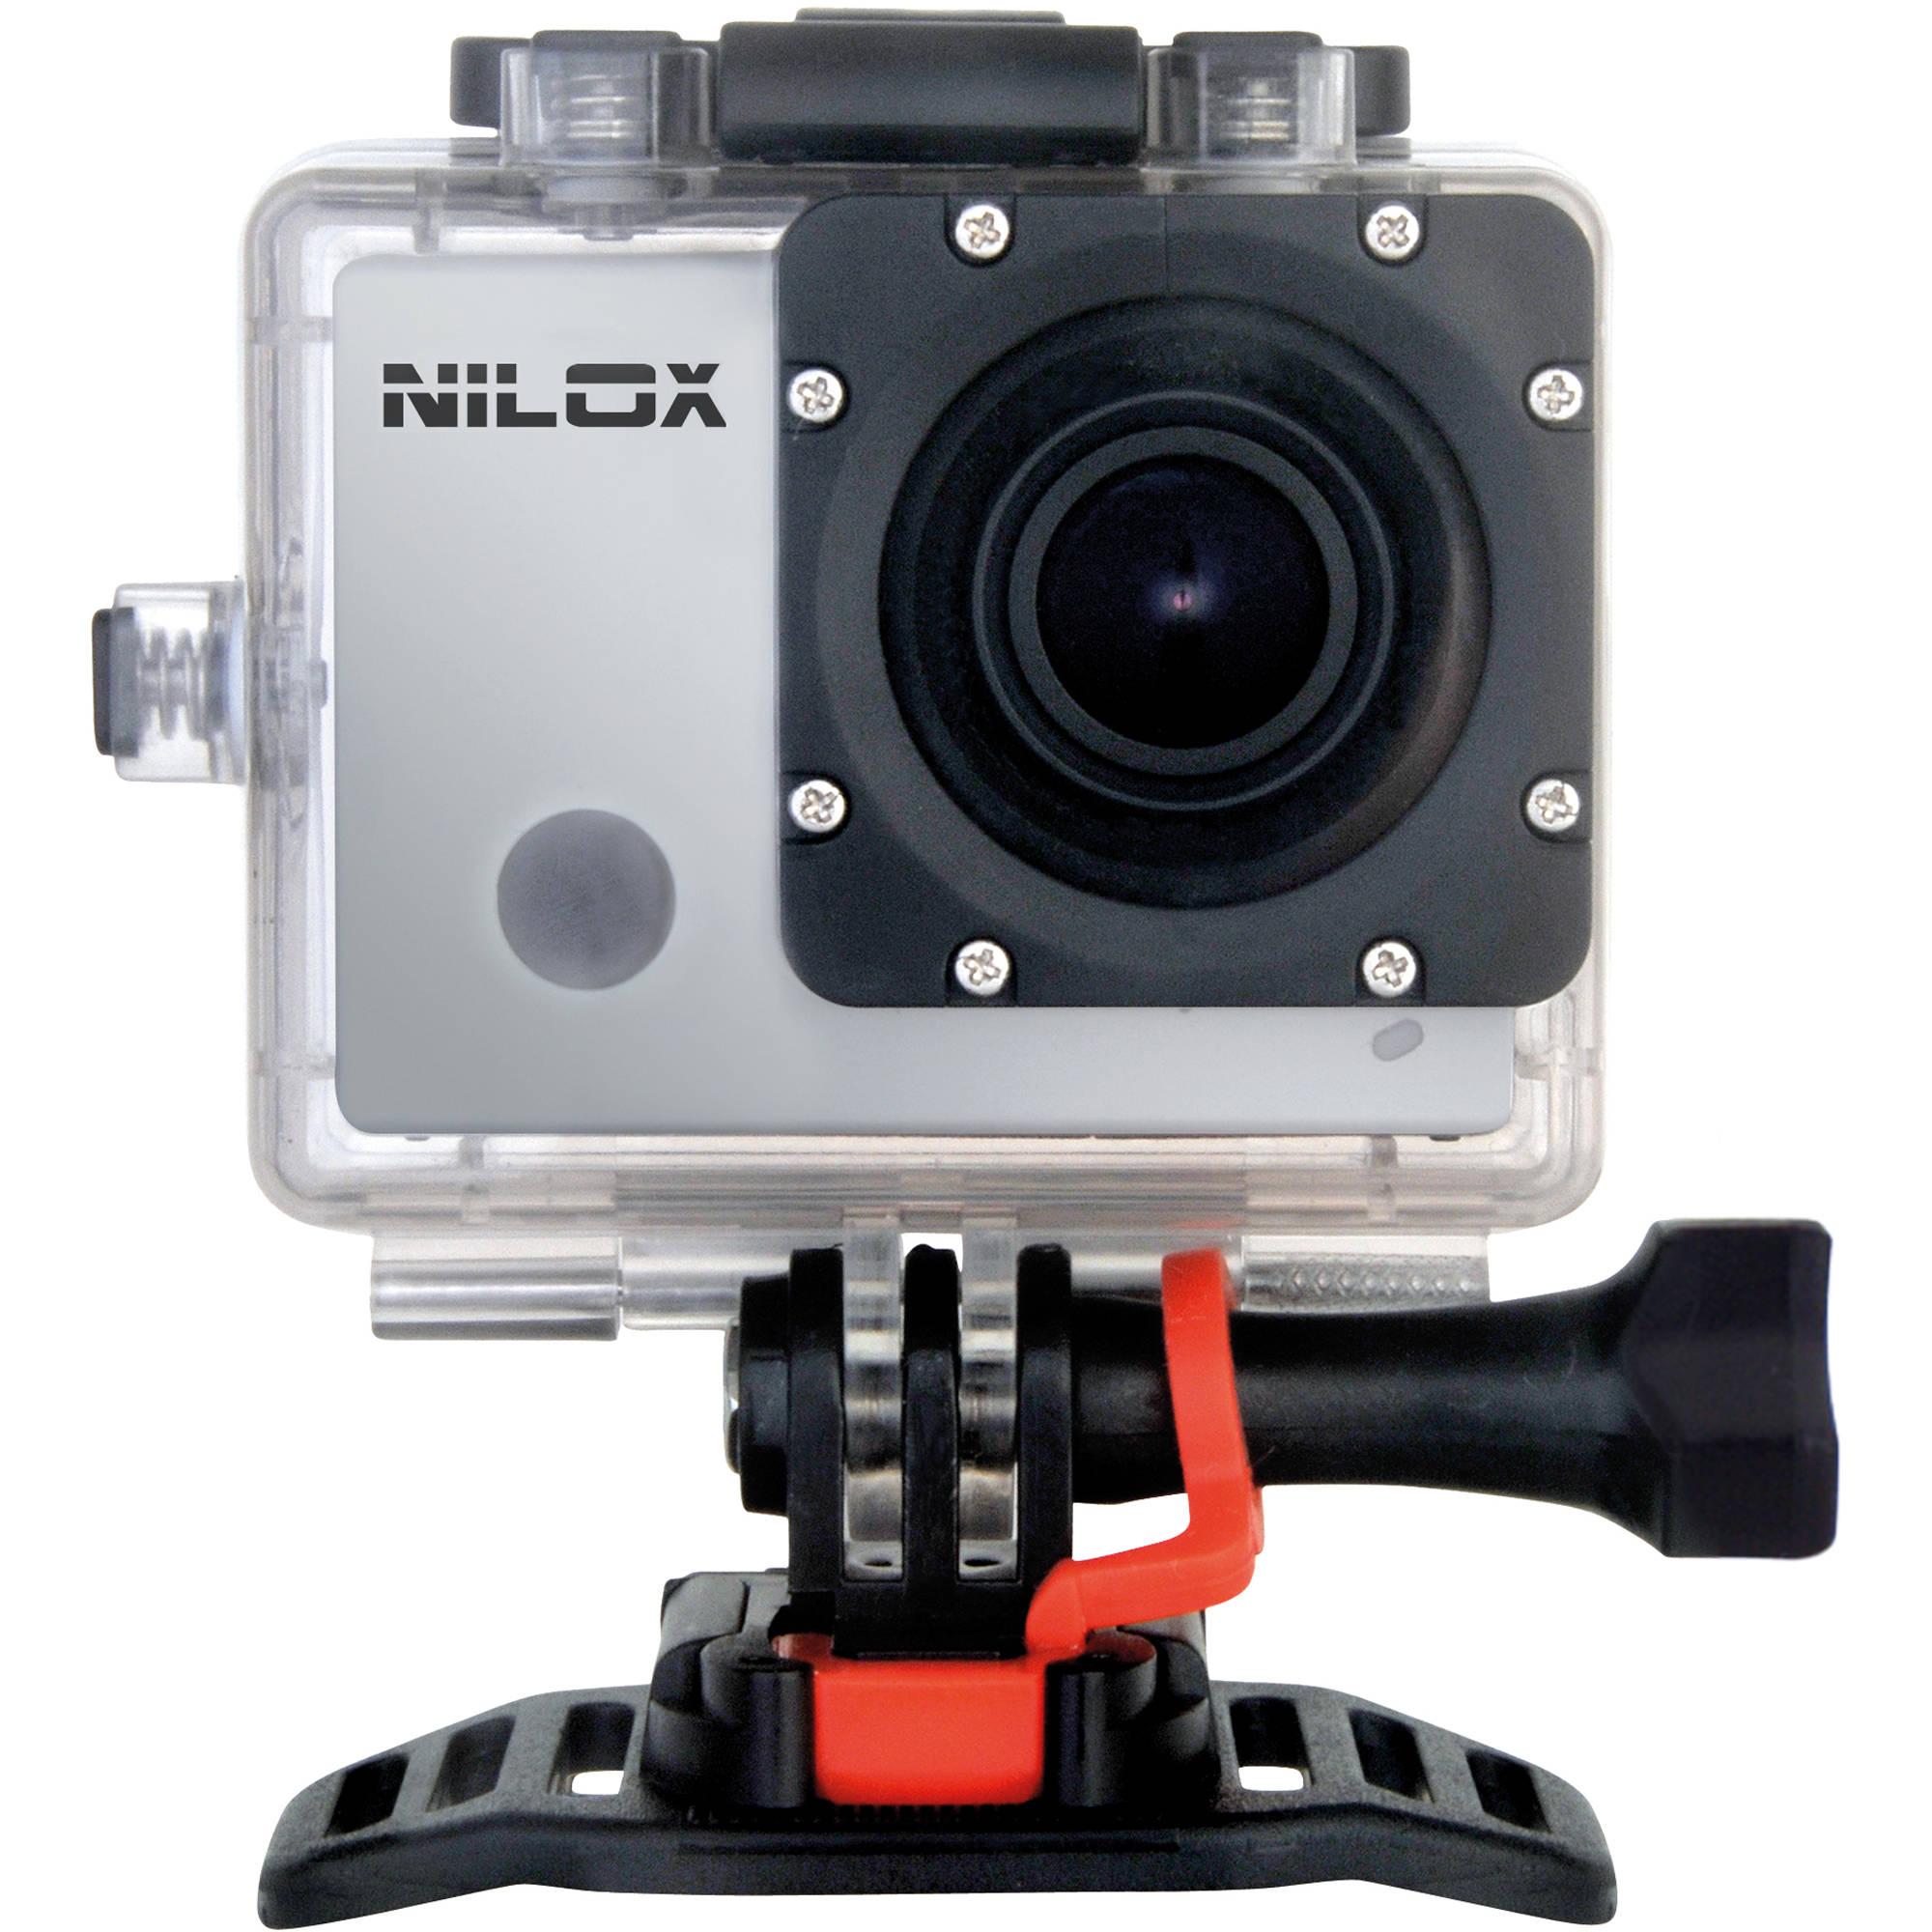 Le Migliori 7 Action Camera Nilox - Classifica 2021 ⭐️